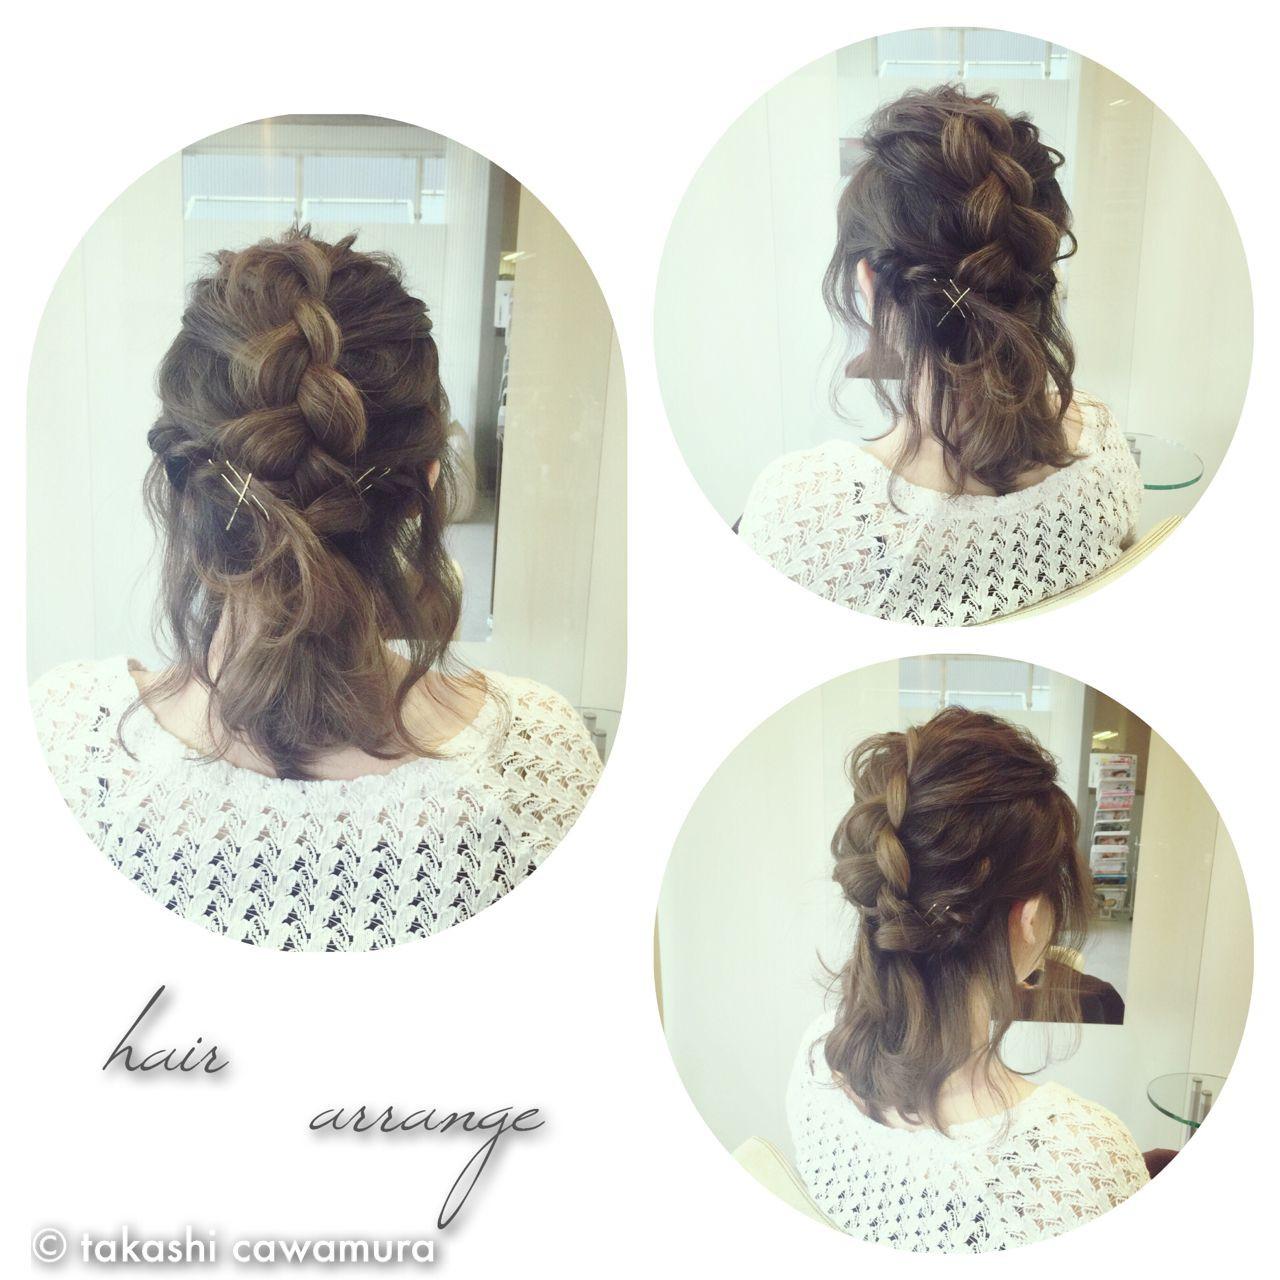 【美容師直伝】ロブがかわいく見える♡おすすめヘアアレンジ集 takashi cawamura | HAIR & MAKE•UP TAXI